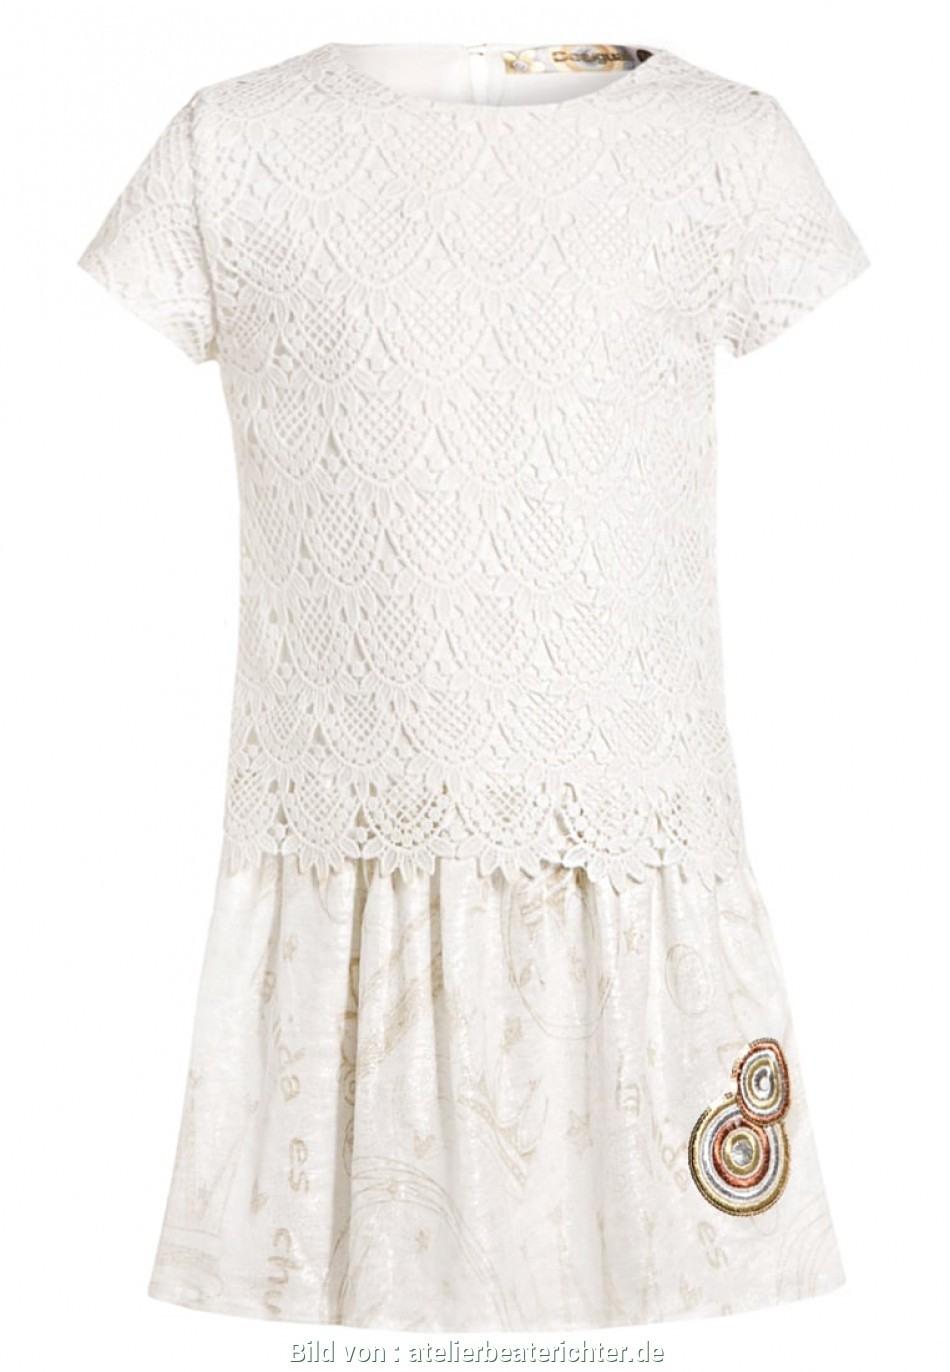 Abend Großartig Besondere Kleider Kaufen Stylish20 Schön Besondere Kleider Kaufen Ärmel